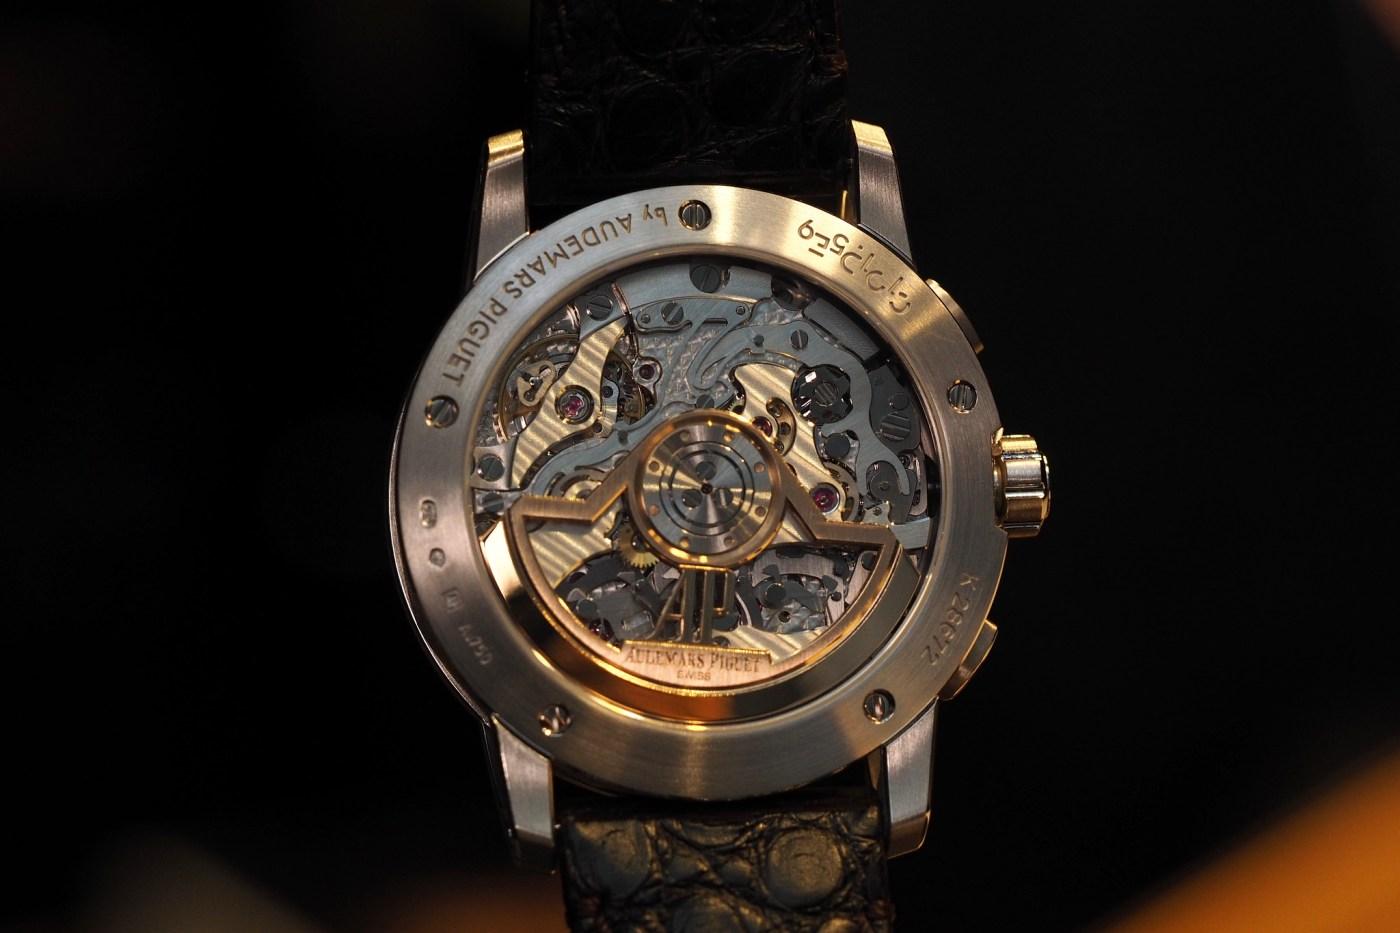 Audemars Piguet caliber 4401 in-house chronograph movemen